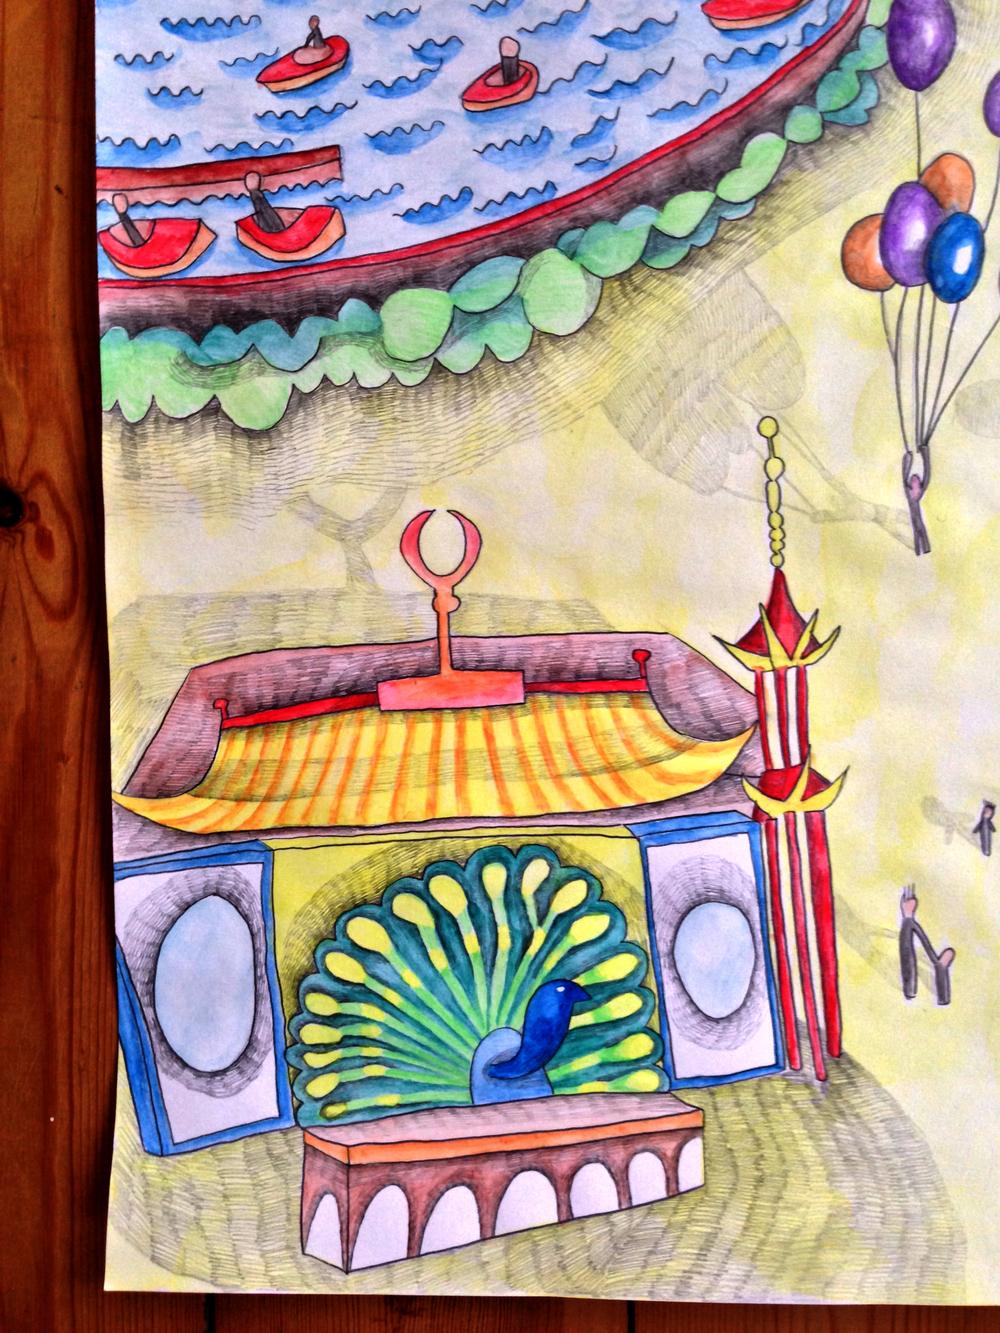 Et lille udsnit af Tivoli og Pantomimeteatret